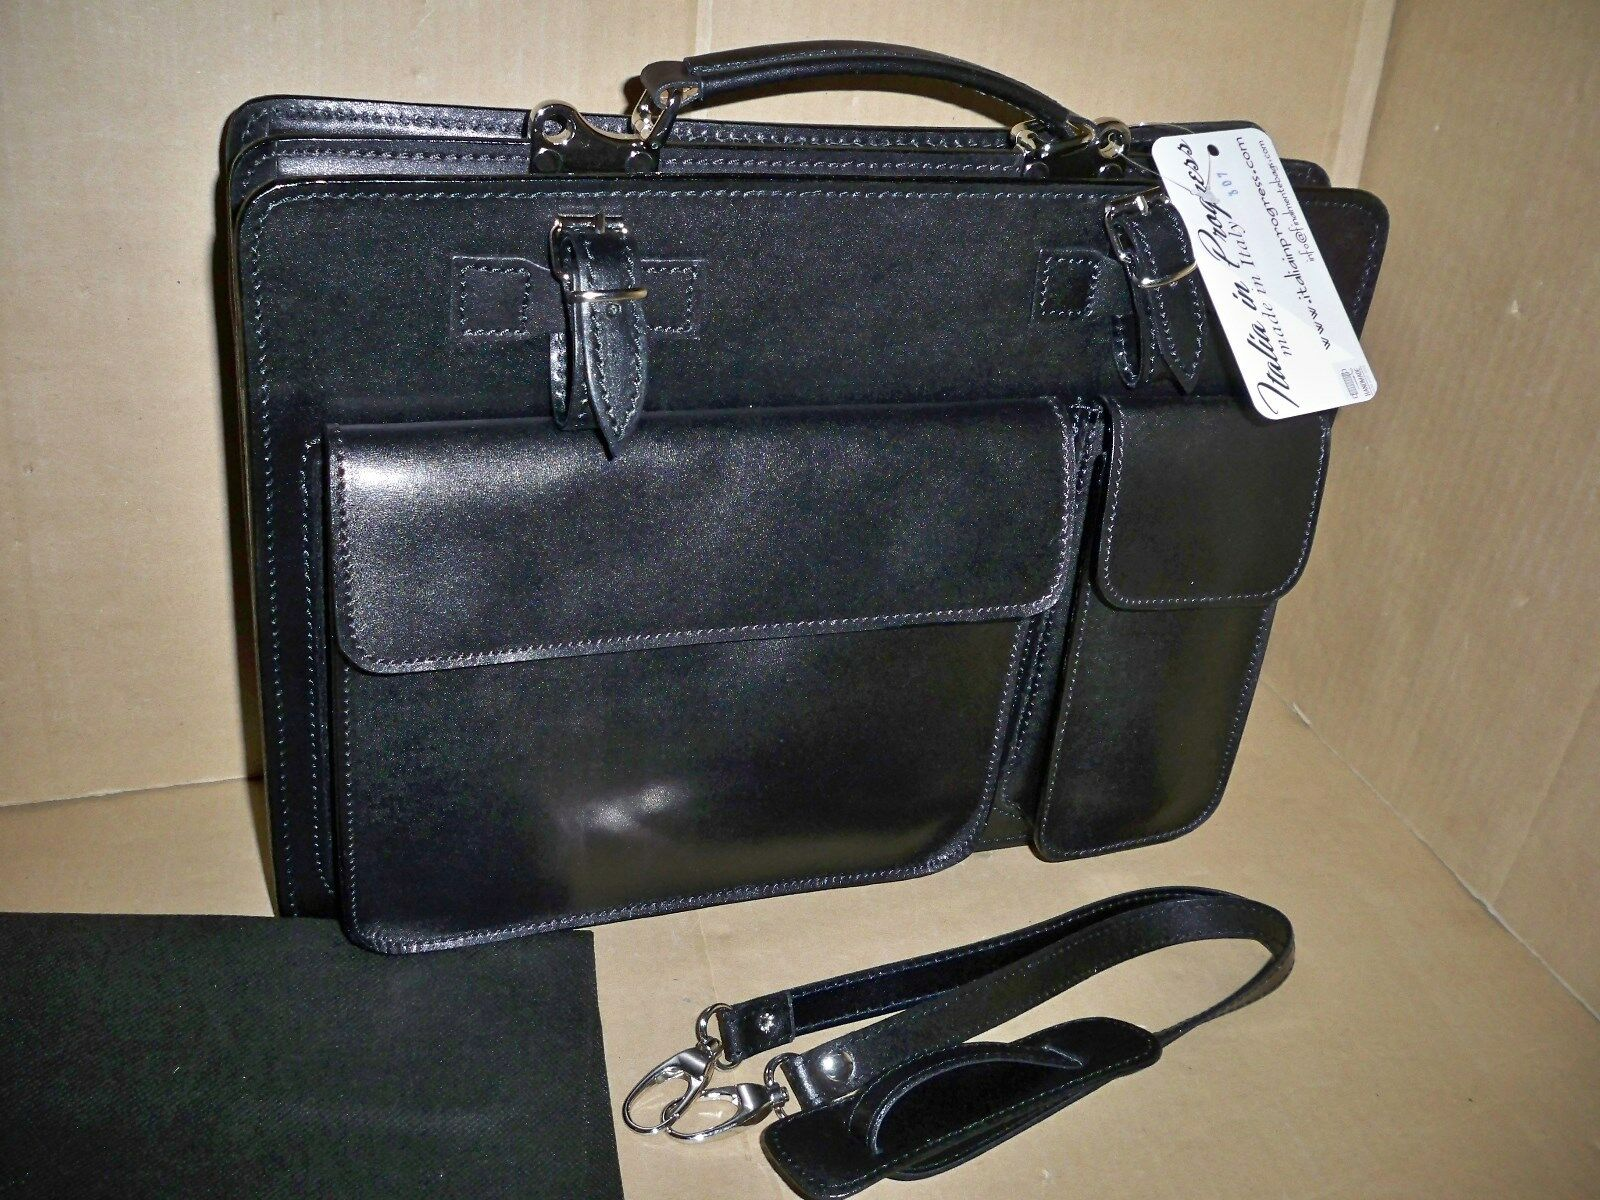 Große Aktentasche Laptoptasche  - Schwarz ITALIA in PROGRESS Handmade | Gute Qualität  | Einfach zu bedienen  | Modernes Design